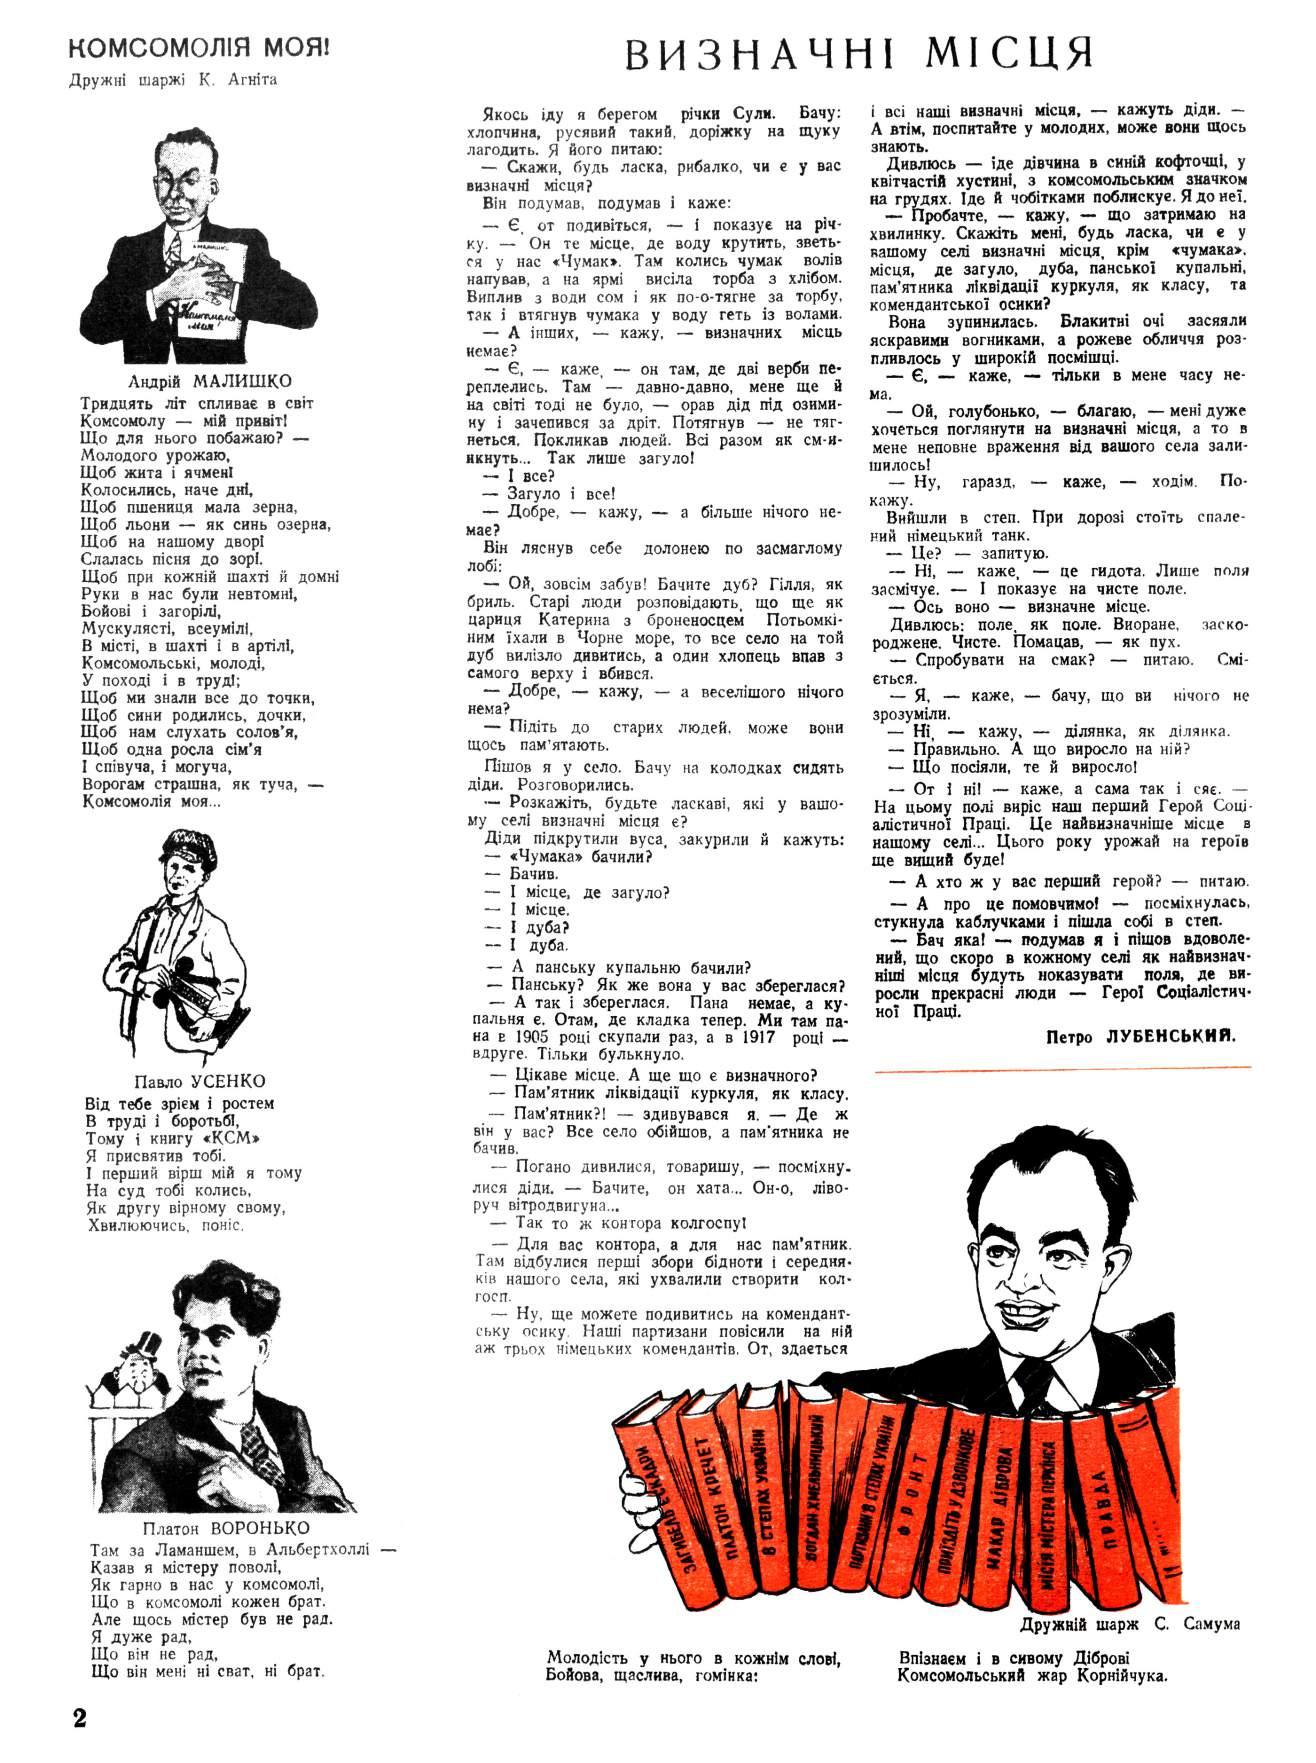 Журнал перець 1948 №19